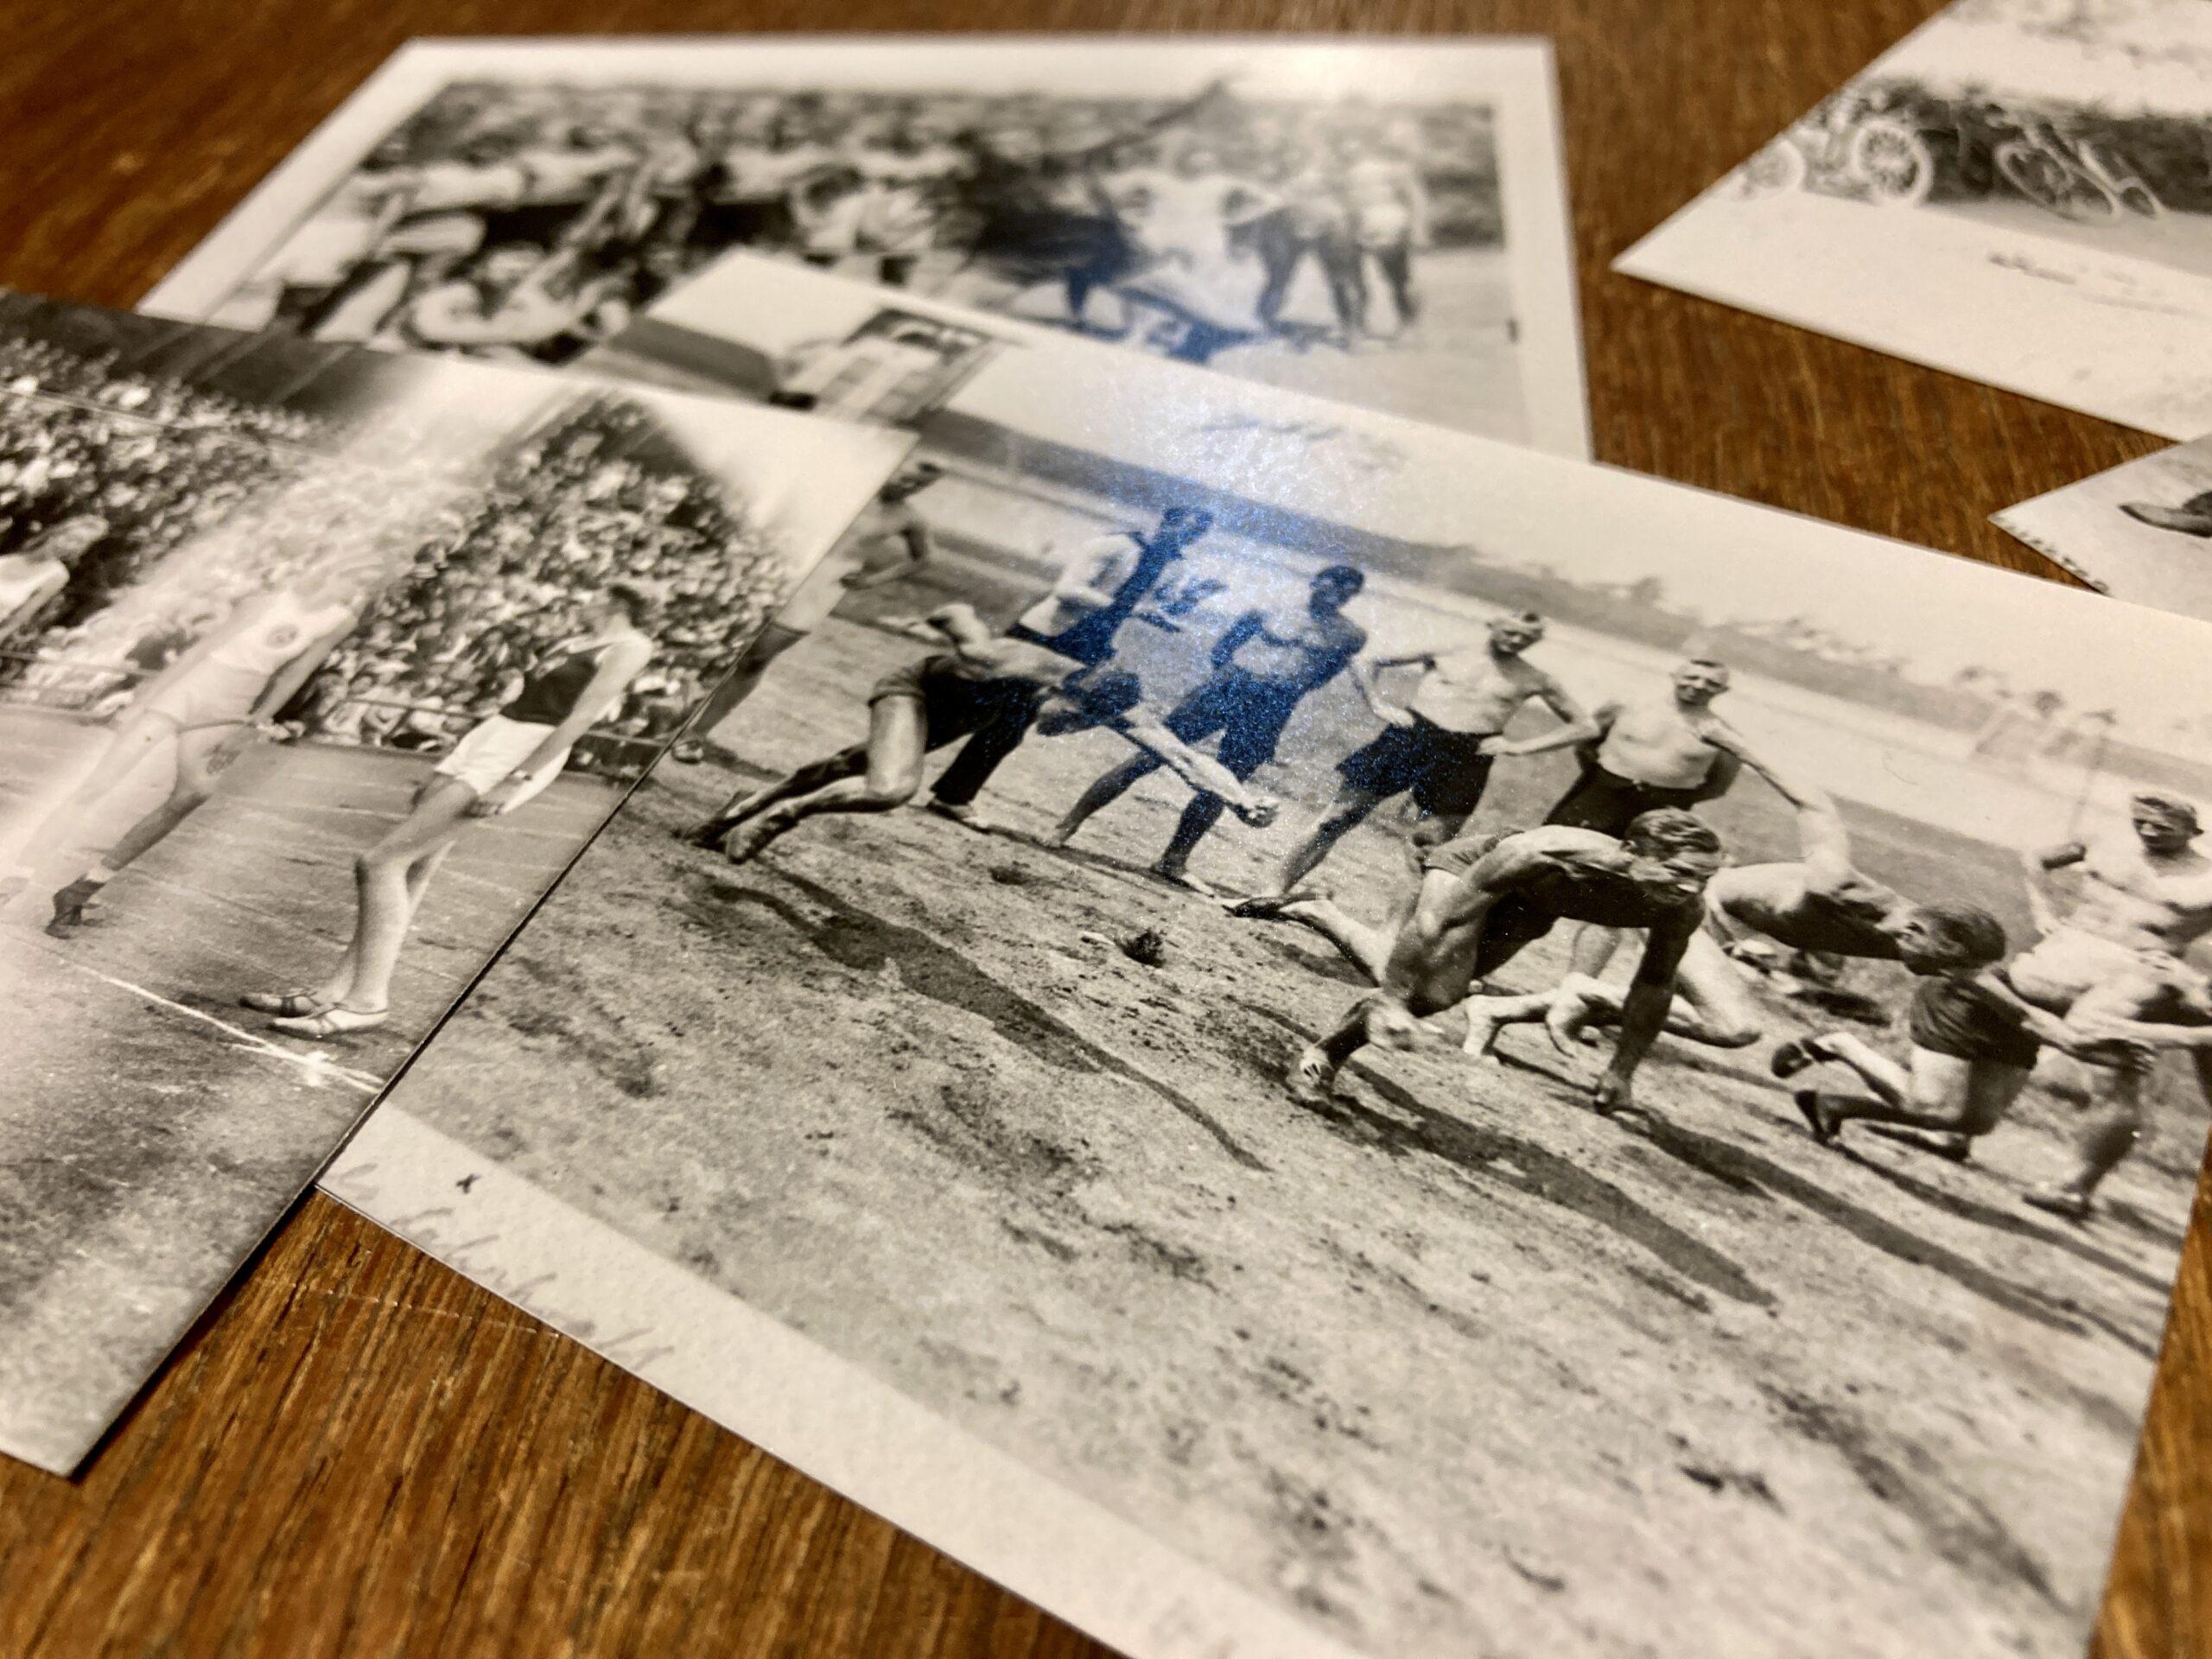 Mehrere schwarz-weiß Fotos liegen übereinander auf einem Holztisch. Das Bild im Vordergrund zeigt mehrere Männer, die den Start eines Rennens verfolgen. Der Start der 5 barfüígen Läufer auf blankem Erdboden ist im Bild festgehalten.